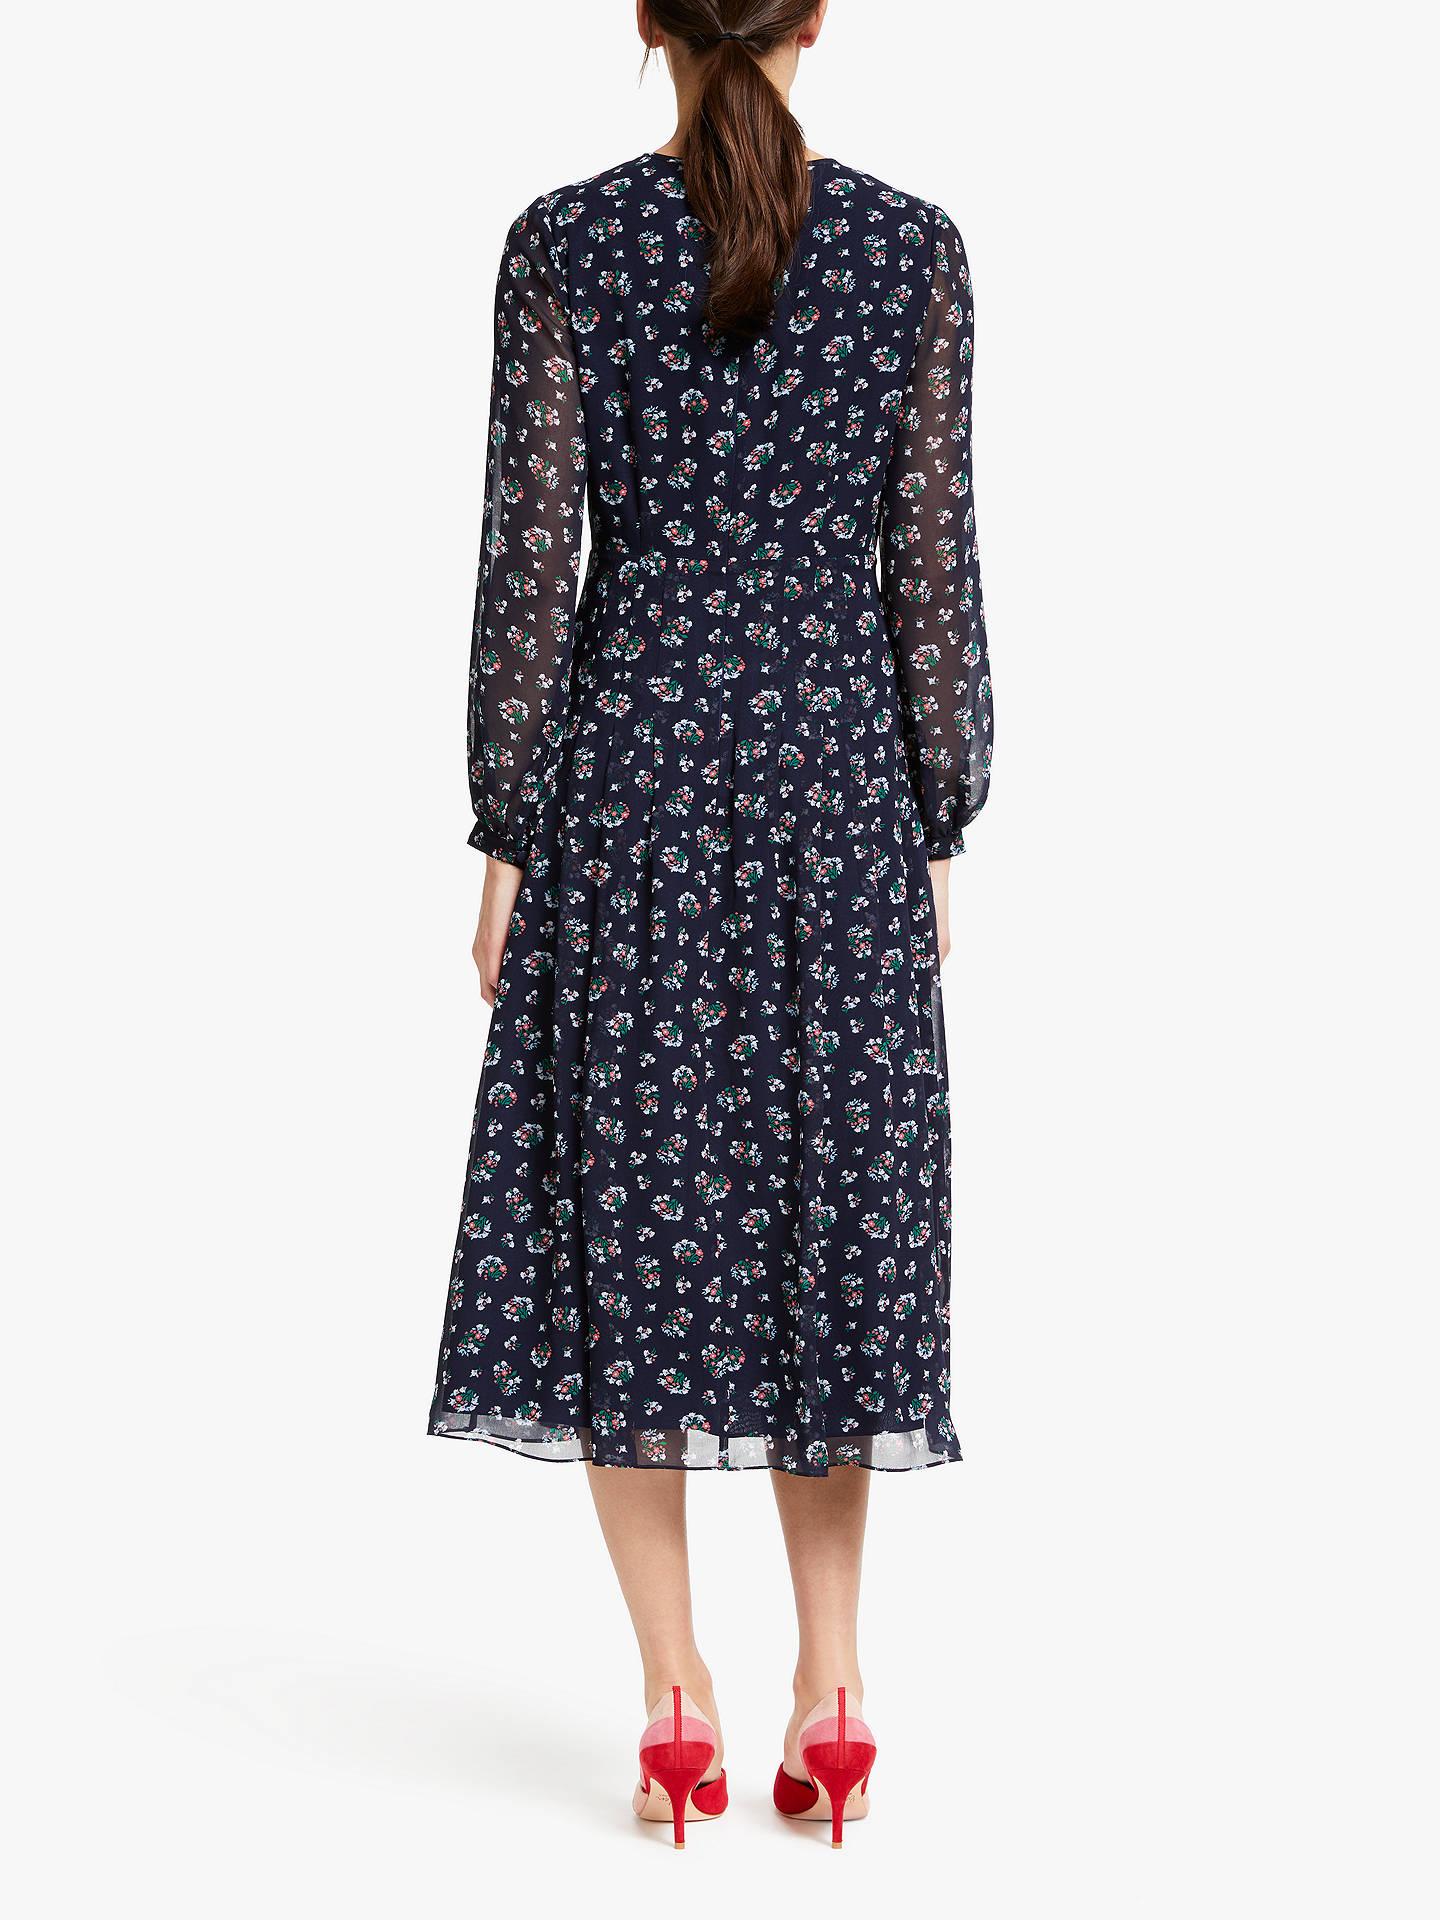 e5bb985552f6 ... Buy Boden Ada Midi Dress